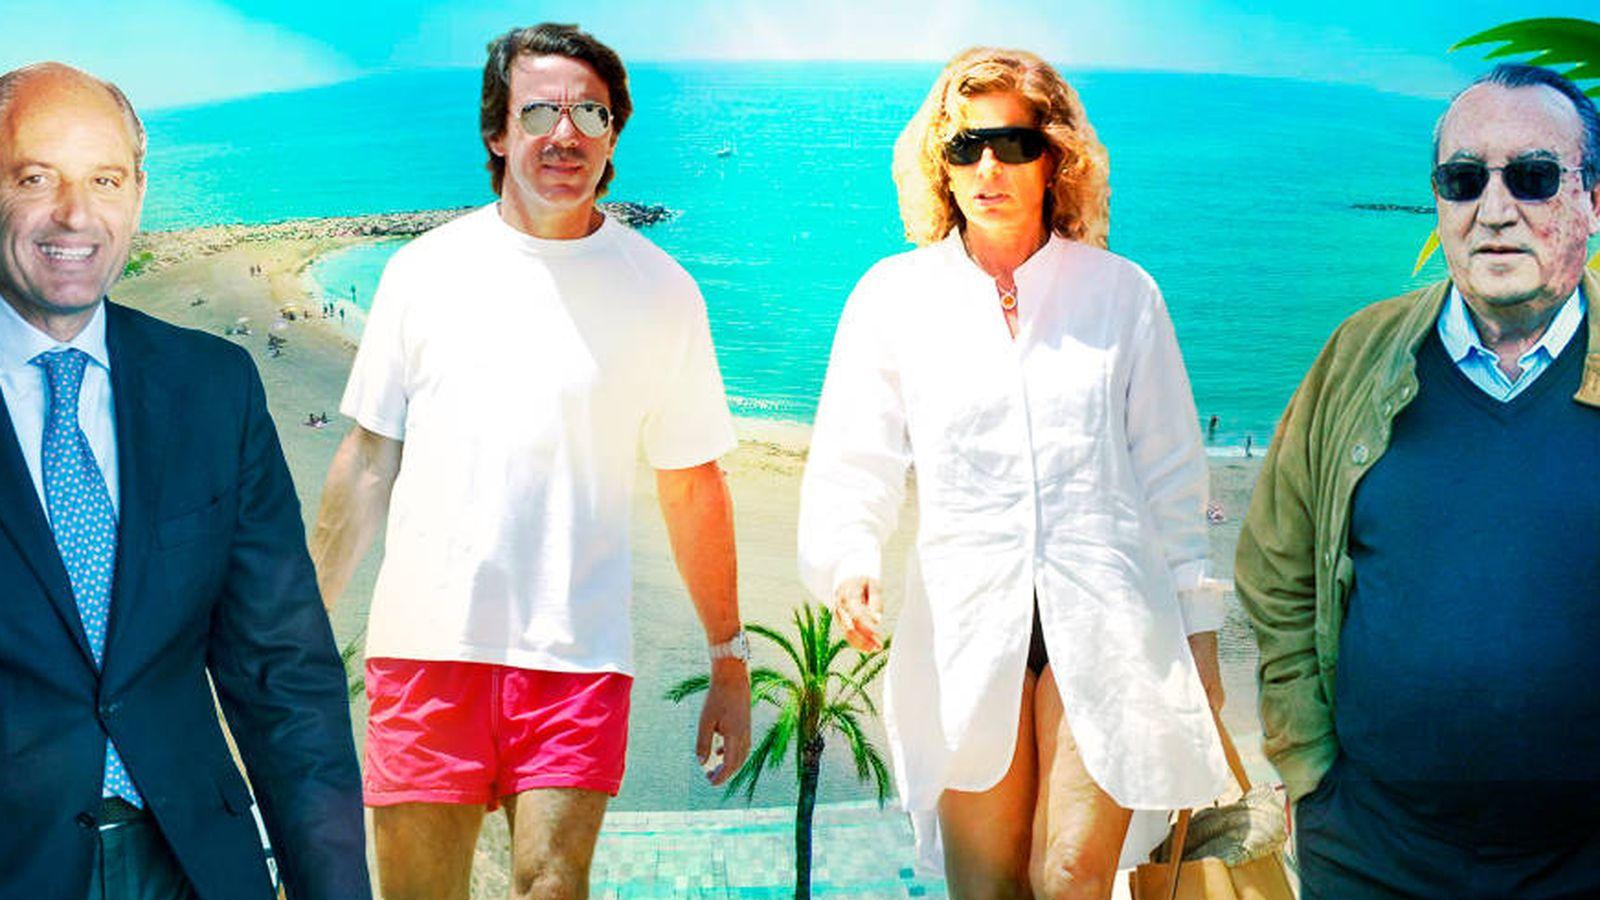 Foto: Camps, el matrimonio Aznar y Fabra en un fotomontaje de 'Vanitatis'